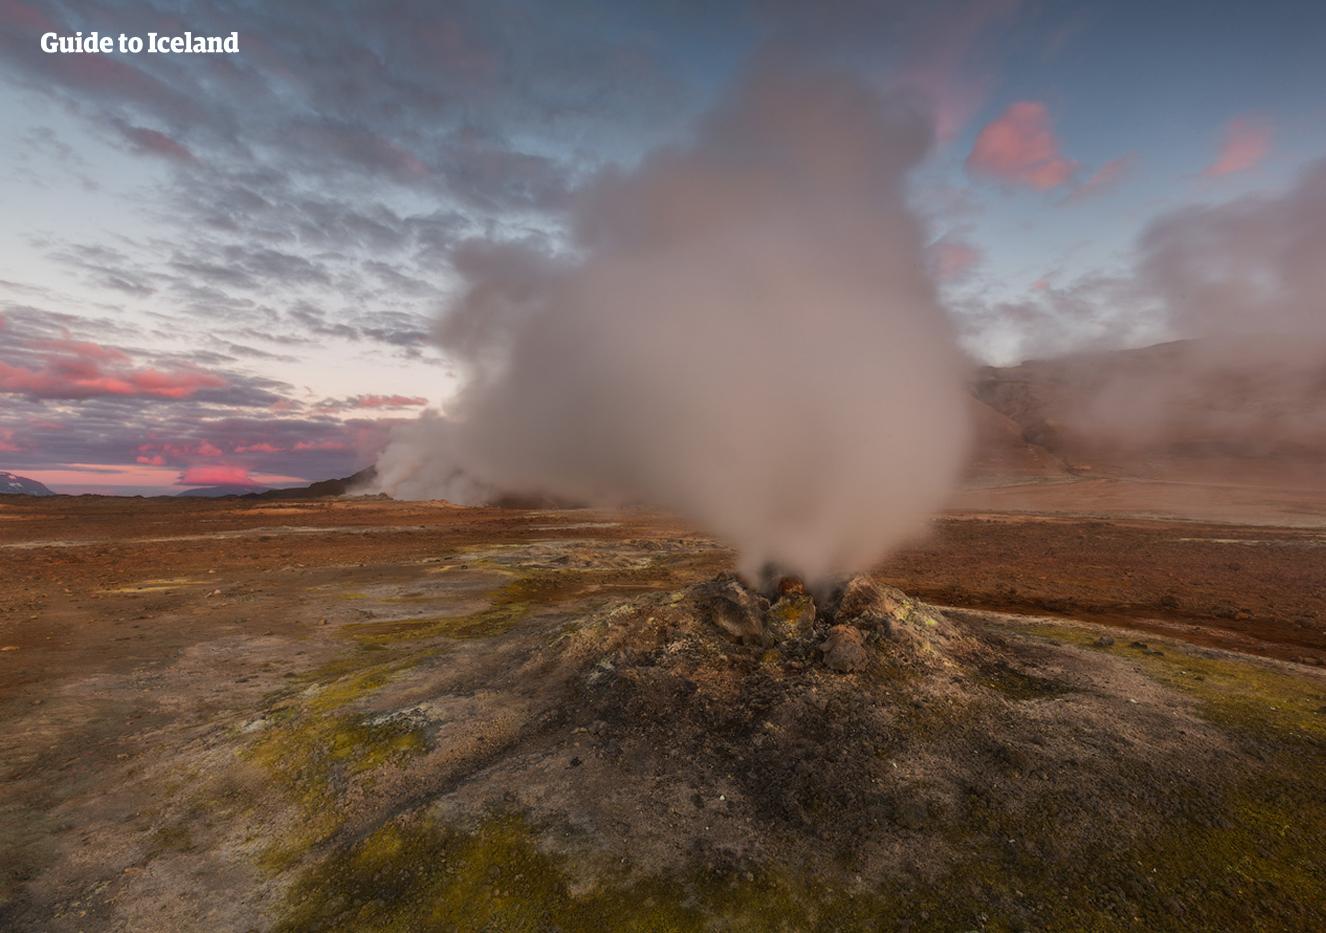 La vapeur monte du sol dans la zone géothermique de Námaskarð près du lac Mývatn.